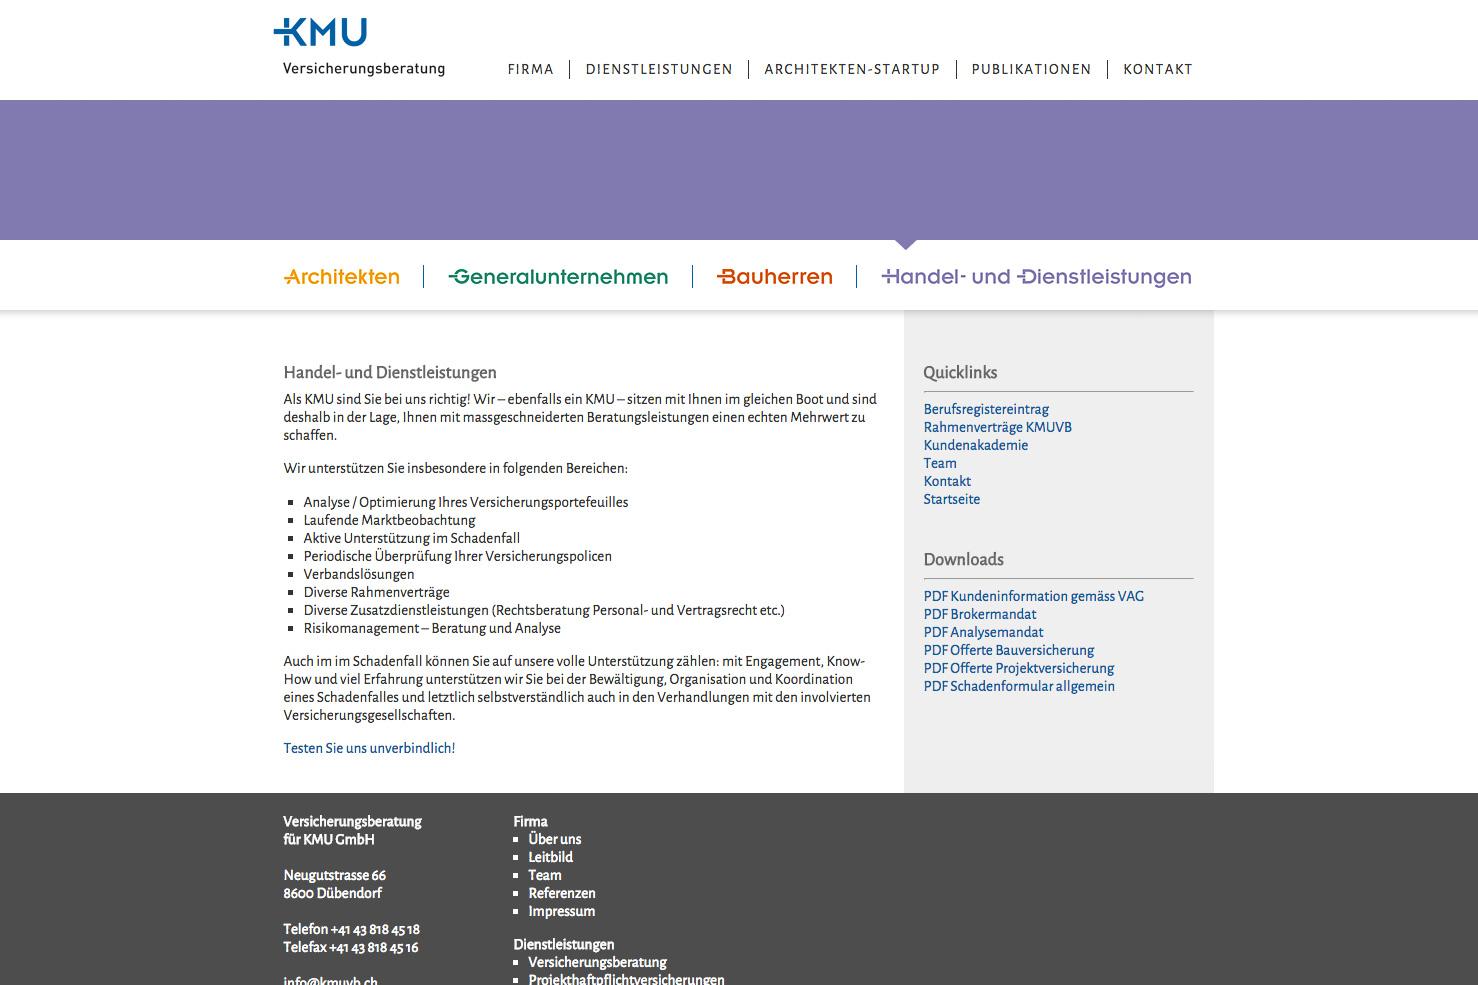 Bild 4 vom KMU Versicherungsberatung Webseite